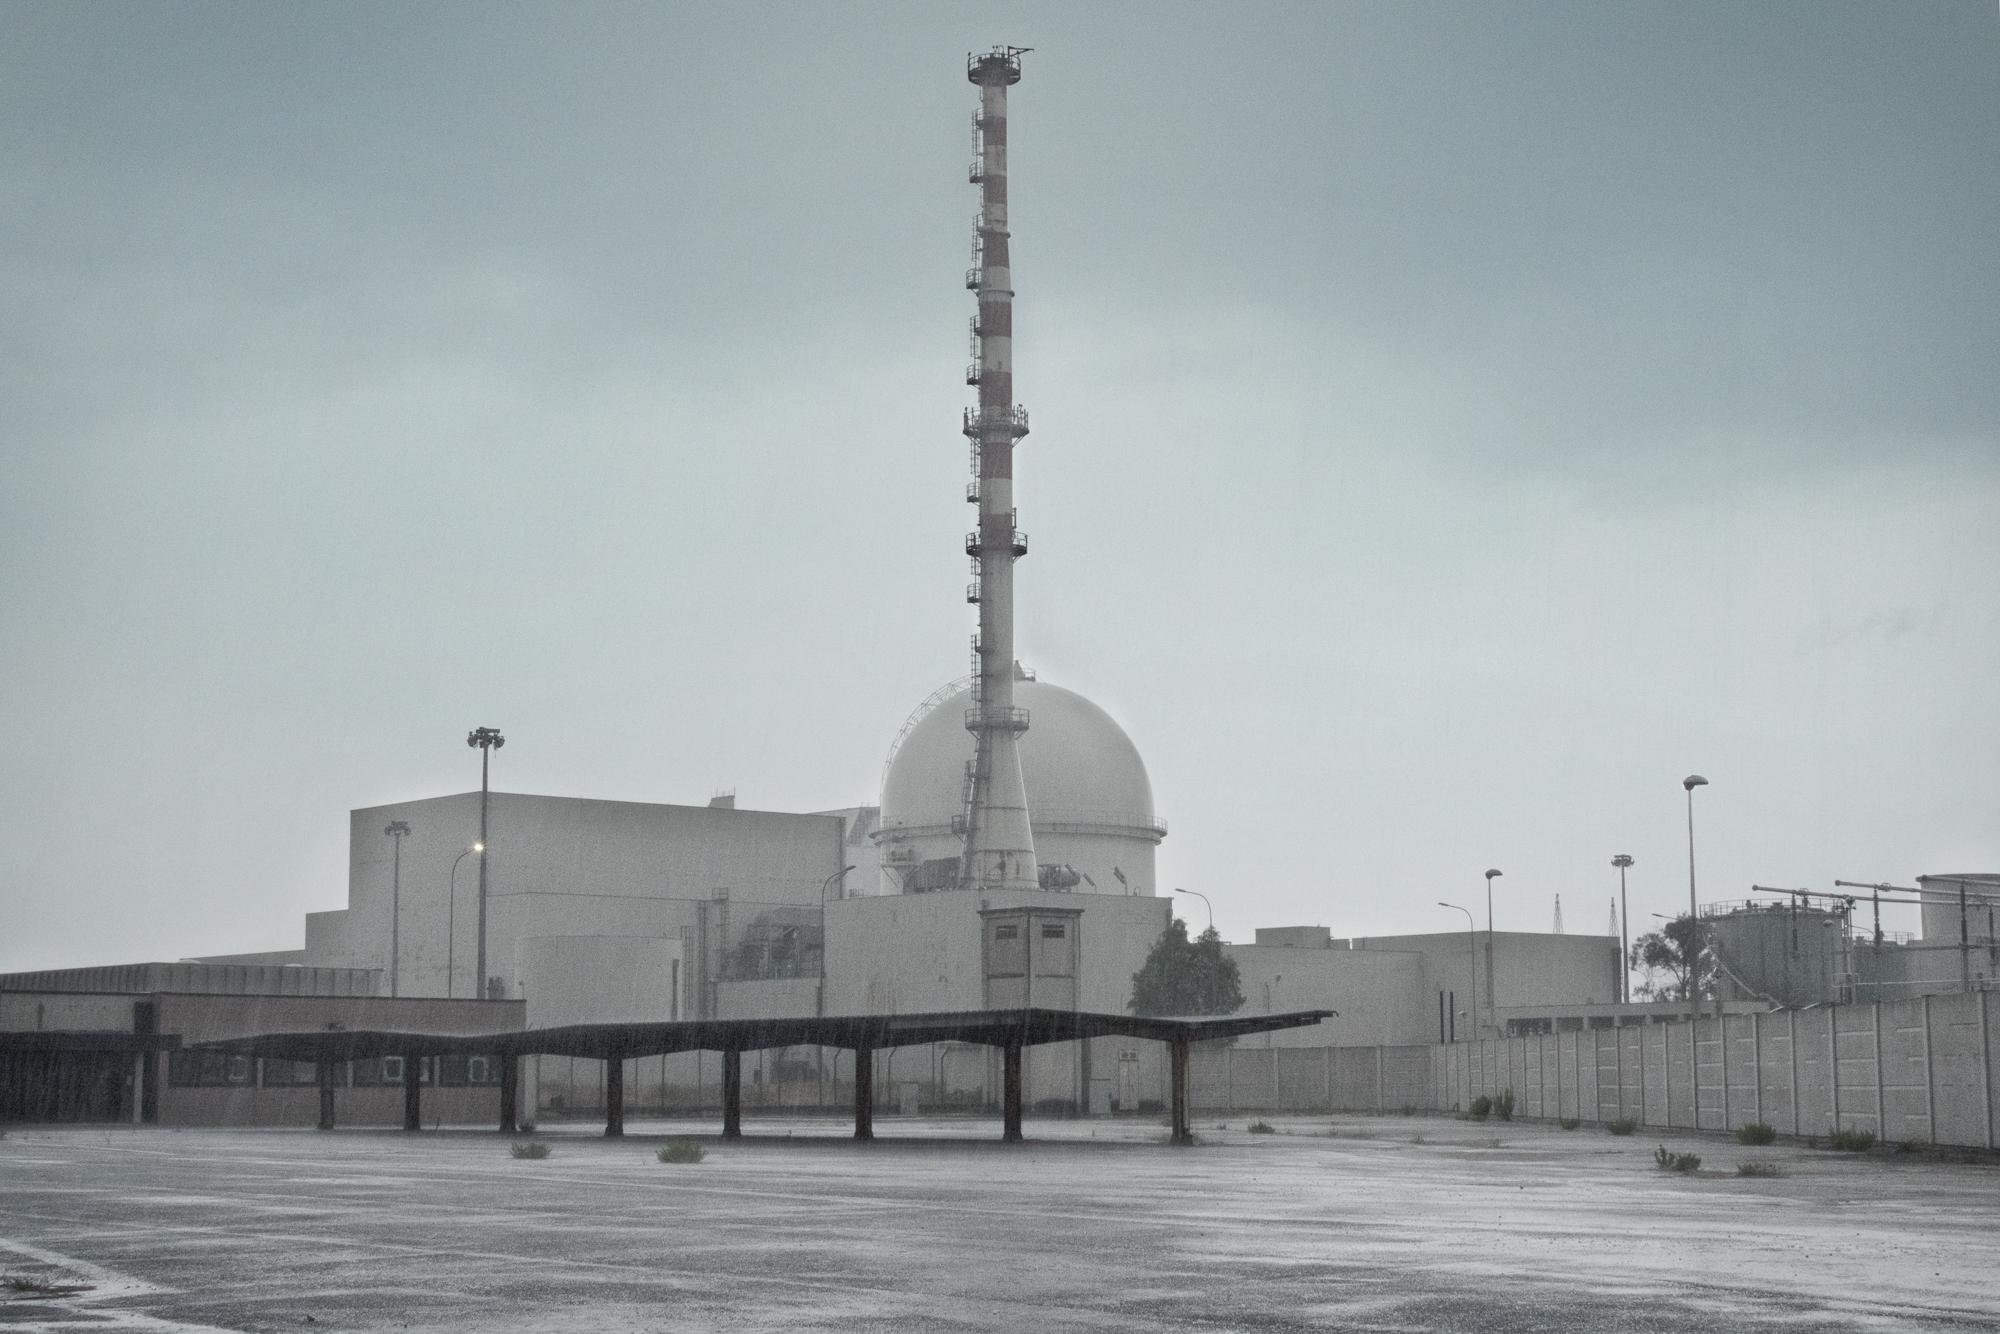 Copula del reattore nucleare a nebbia CIRENE, Borgo Sabotino (LT),  Il CISE REatttore nucleare a NEbbia è un progetto di reattore nucleare completamente sviluppato in Italia. Un primo prototipo, basato sull'uso di uranio naturale come combustibile e di acquapesante come termovettore, fu formulato nel 1962 con l'idea di fornire l'Italia di una tecnologia nucleare nazionale. Era necessario evitare l'uso di uranio arricchito, elemento base per armi nucleari e quindi precluso all'Italia a seguito della sconfitta nella seconda guerra mondiale. Il progetto, dopo molte difficoltà tecniche che comunque portarono allo sviluppo di brevetti e processi industriali innovativi, fu completato nel 1986, ma l'incidente di Chernobyl nell'aprile dello stesso anno e il conseguente referendum sul nucleare del novembre 1987 ne bloccarono il collaudo definitivo. Non essendo mai entrato in funzione il reattore non è contaminato.